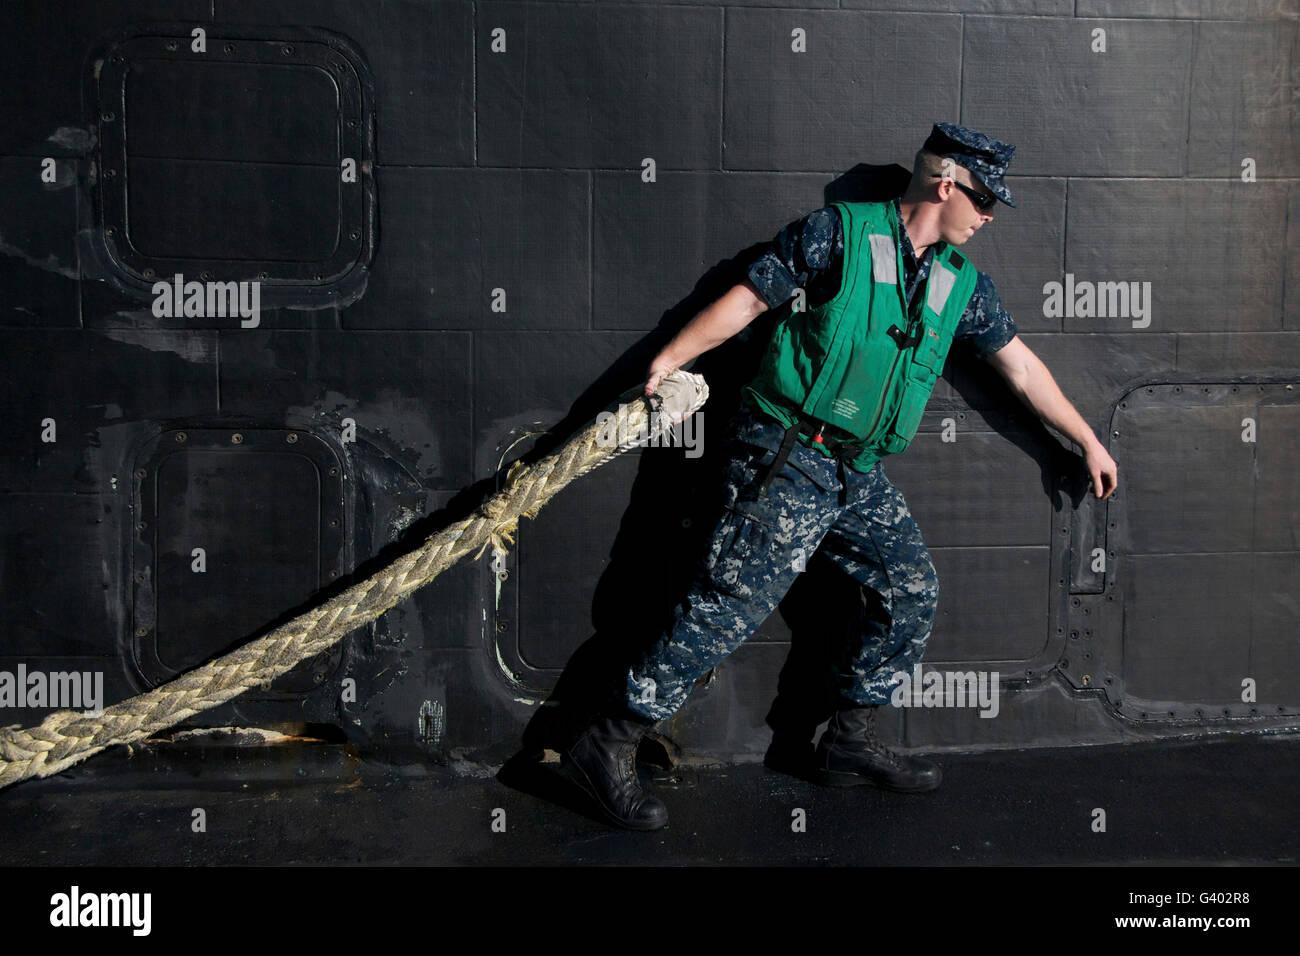 Técnico de control de incendios lances una línea gruesa del puerto desde el remolcador. Imagen De Stock